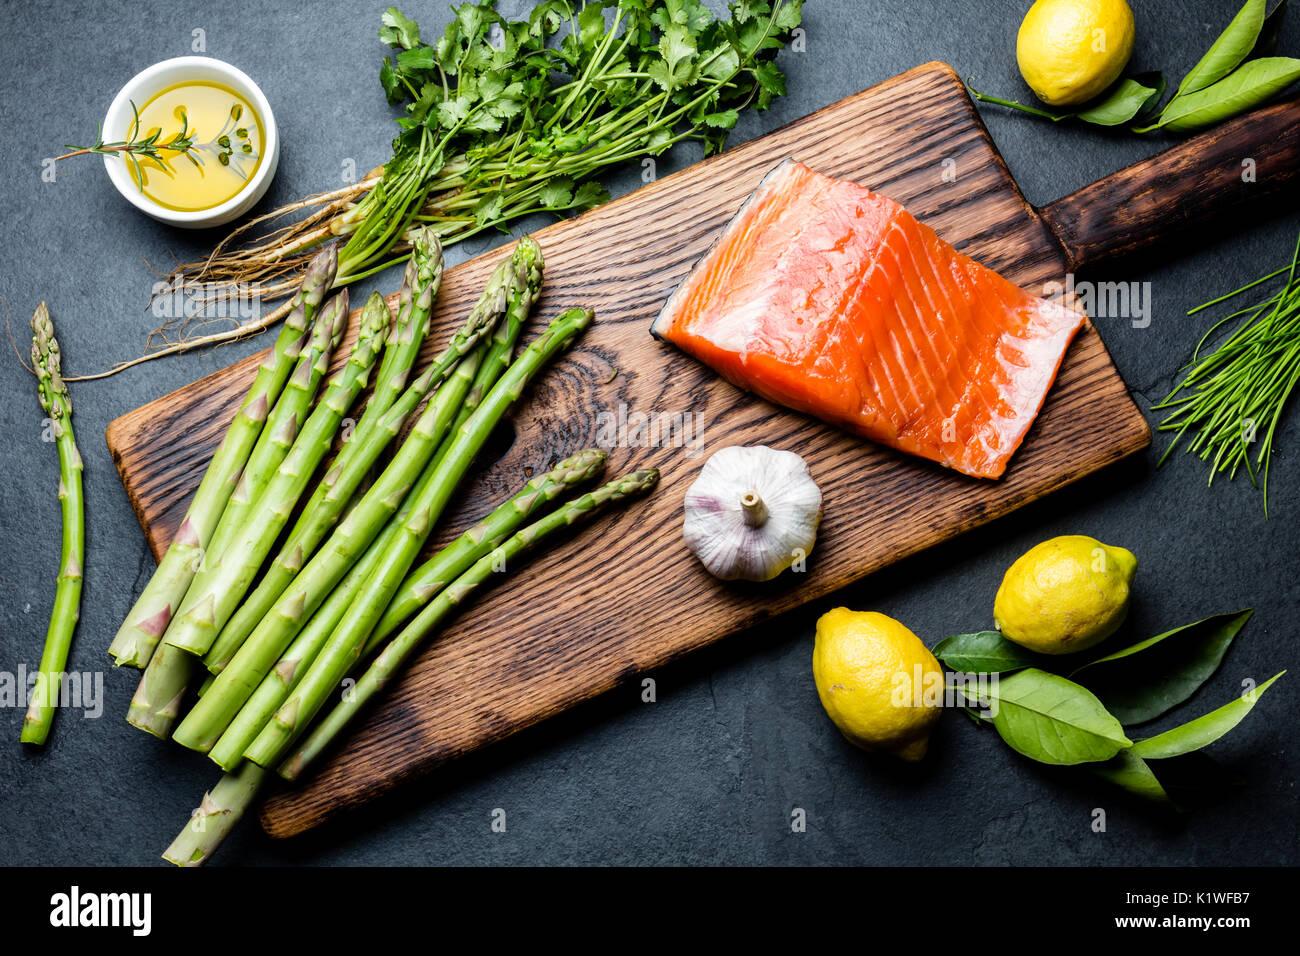 Zutaten zum Kochen. Rohes Lachsfilet, Spargel und Kräuter auf Holzbrett. Essen kochen Hintergrund mit kopieren. Ansicht von oben Stockbild